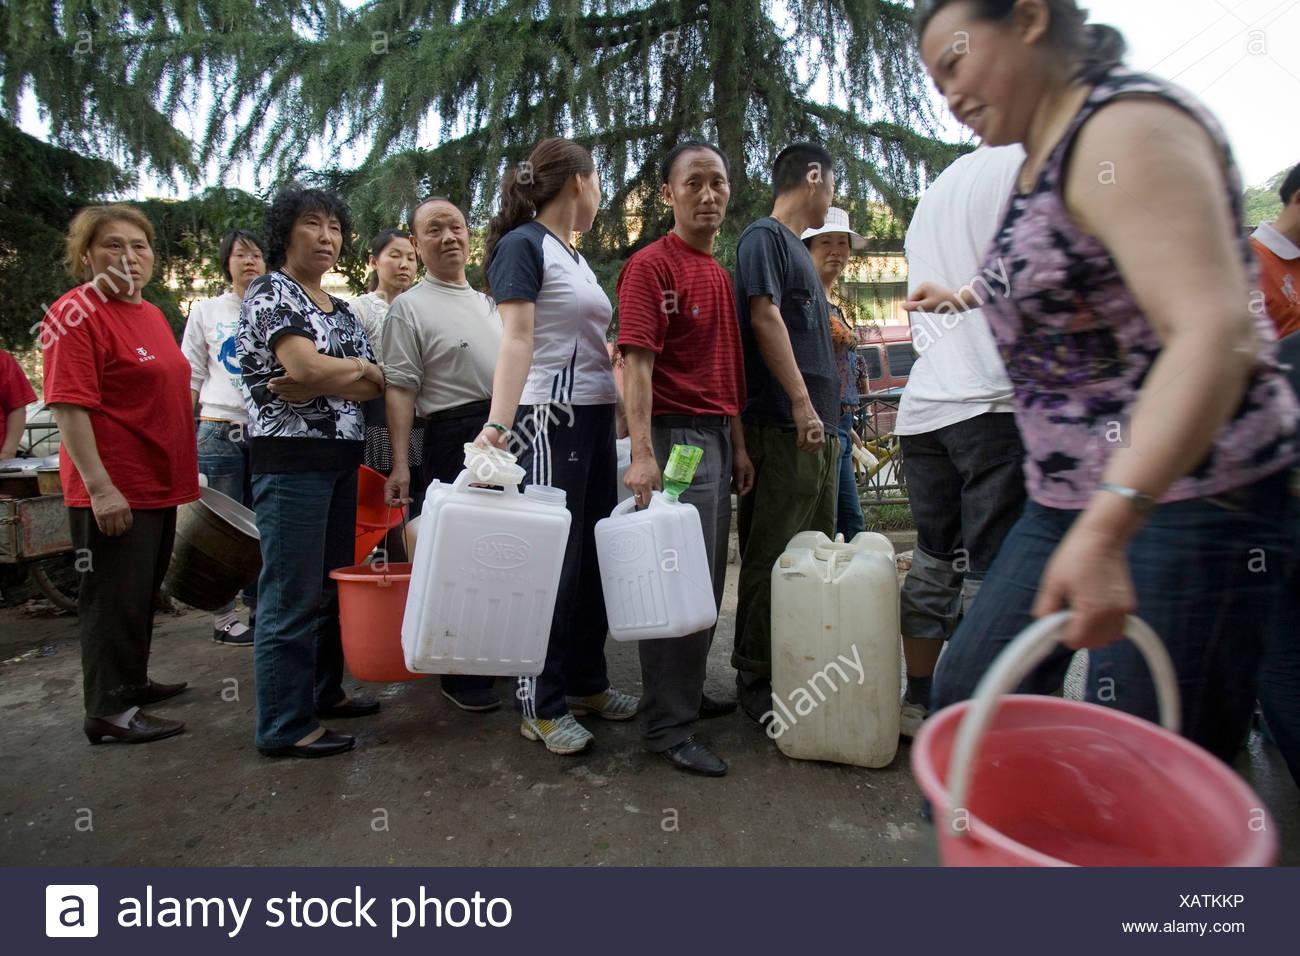 Les gens recueillir l'eau douce à la suite d'un tremblement de terre en Chine, Canton de Pingan. Photo Stock